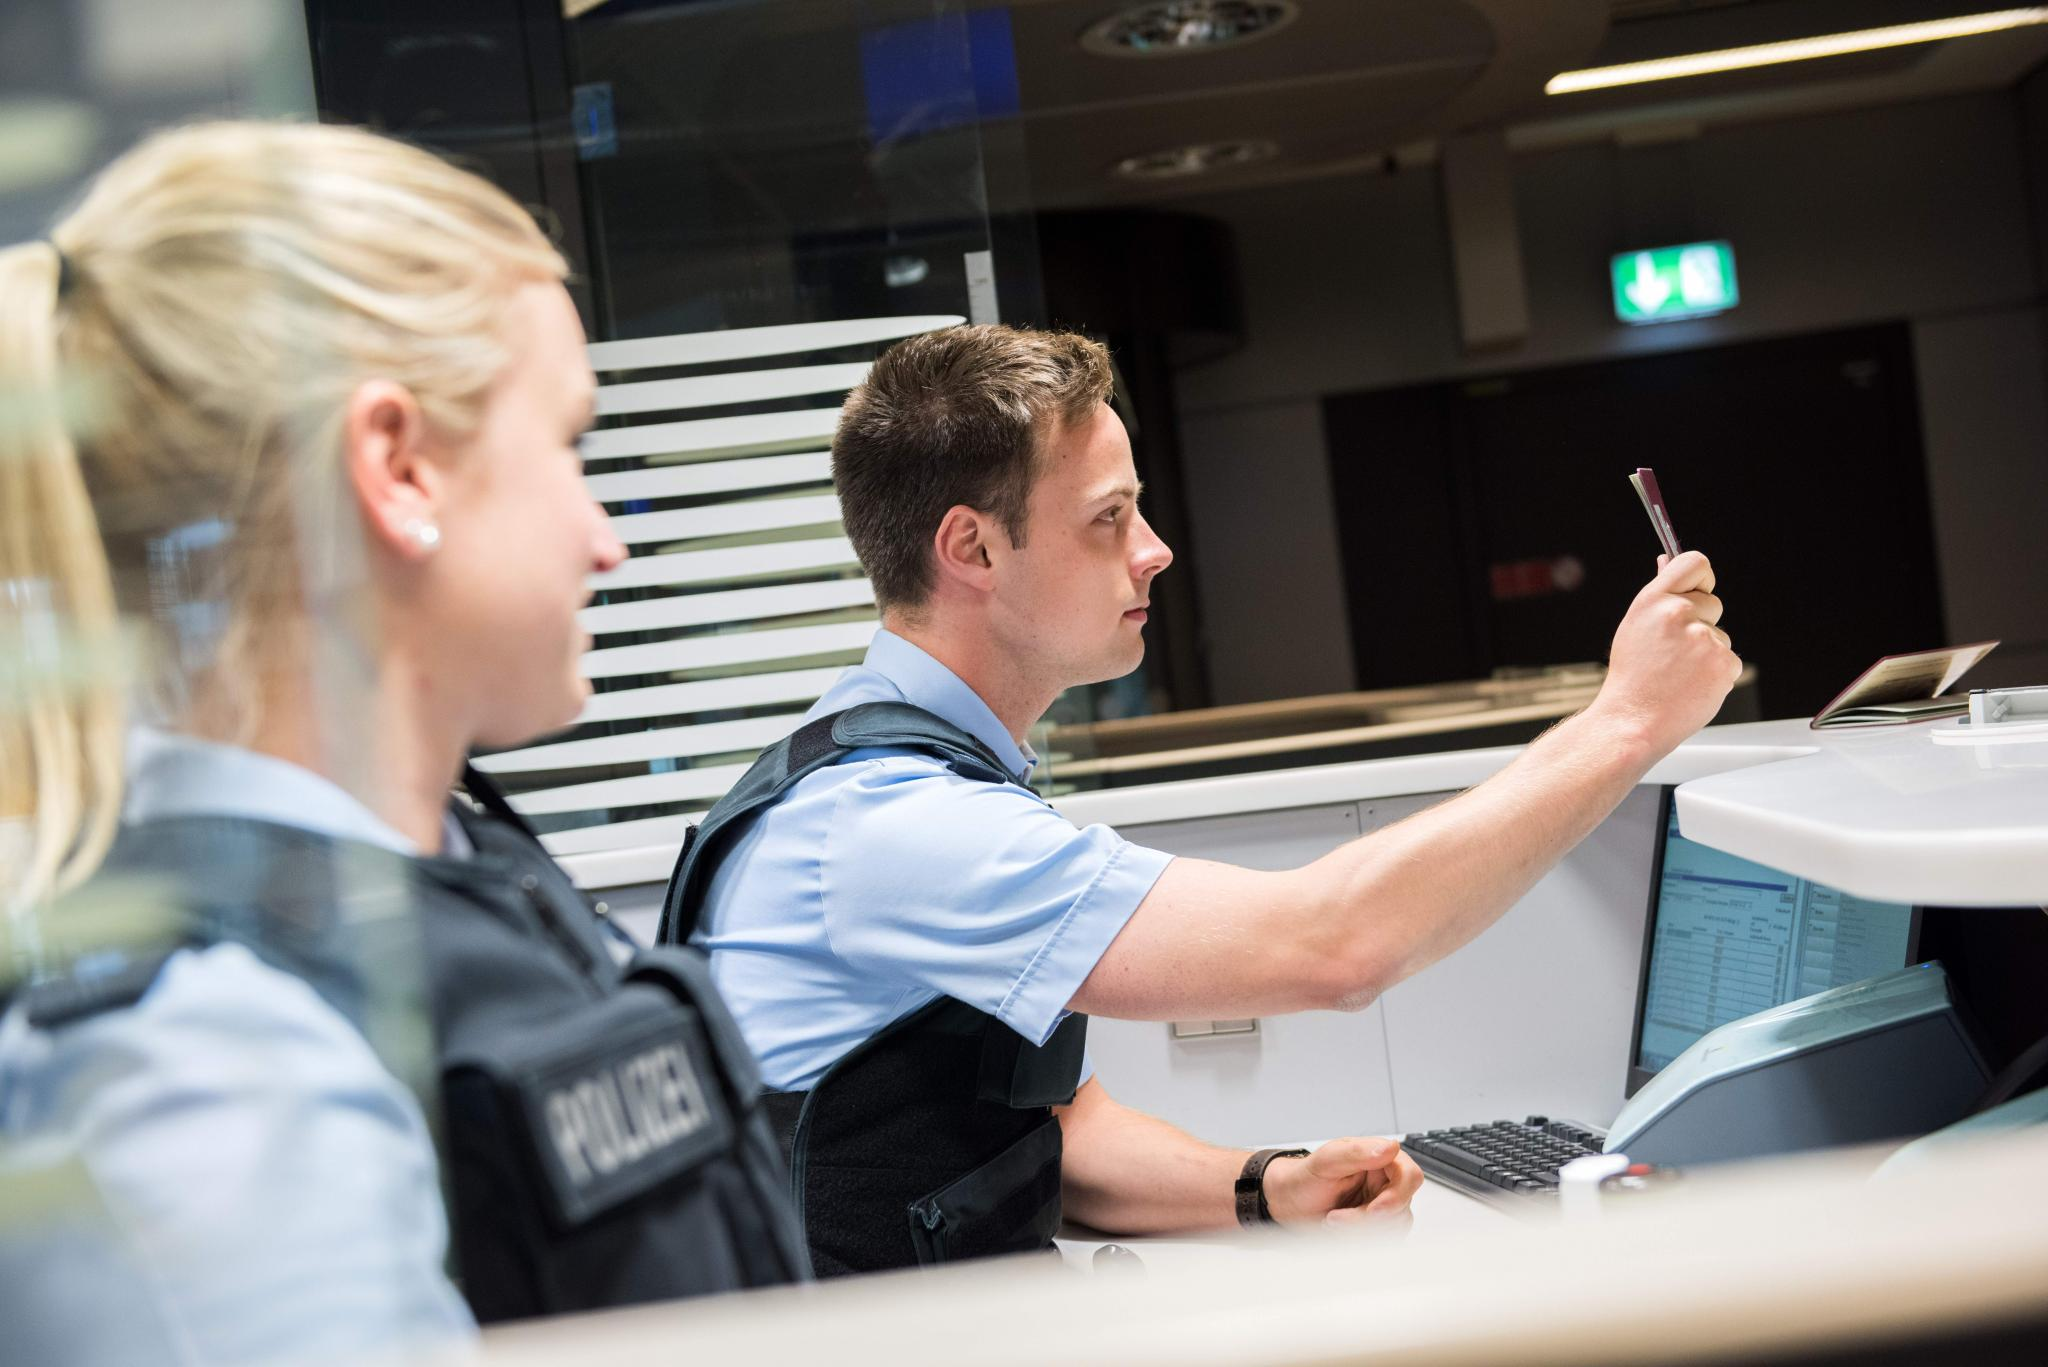 Neben Fluggesellschaften kontrollieren auch Bundespolizisten Tests und Genesenen-Nachweise sowie Impfpäße. (Symbolbild)